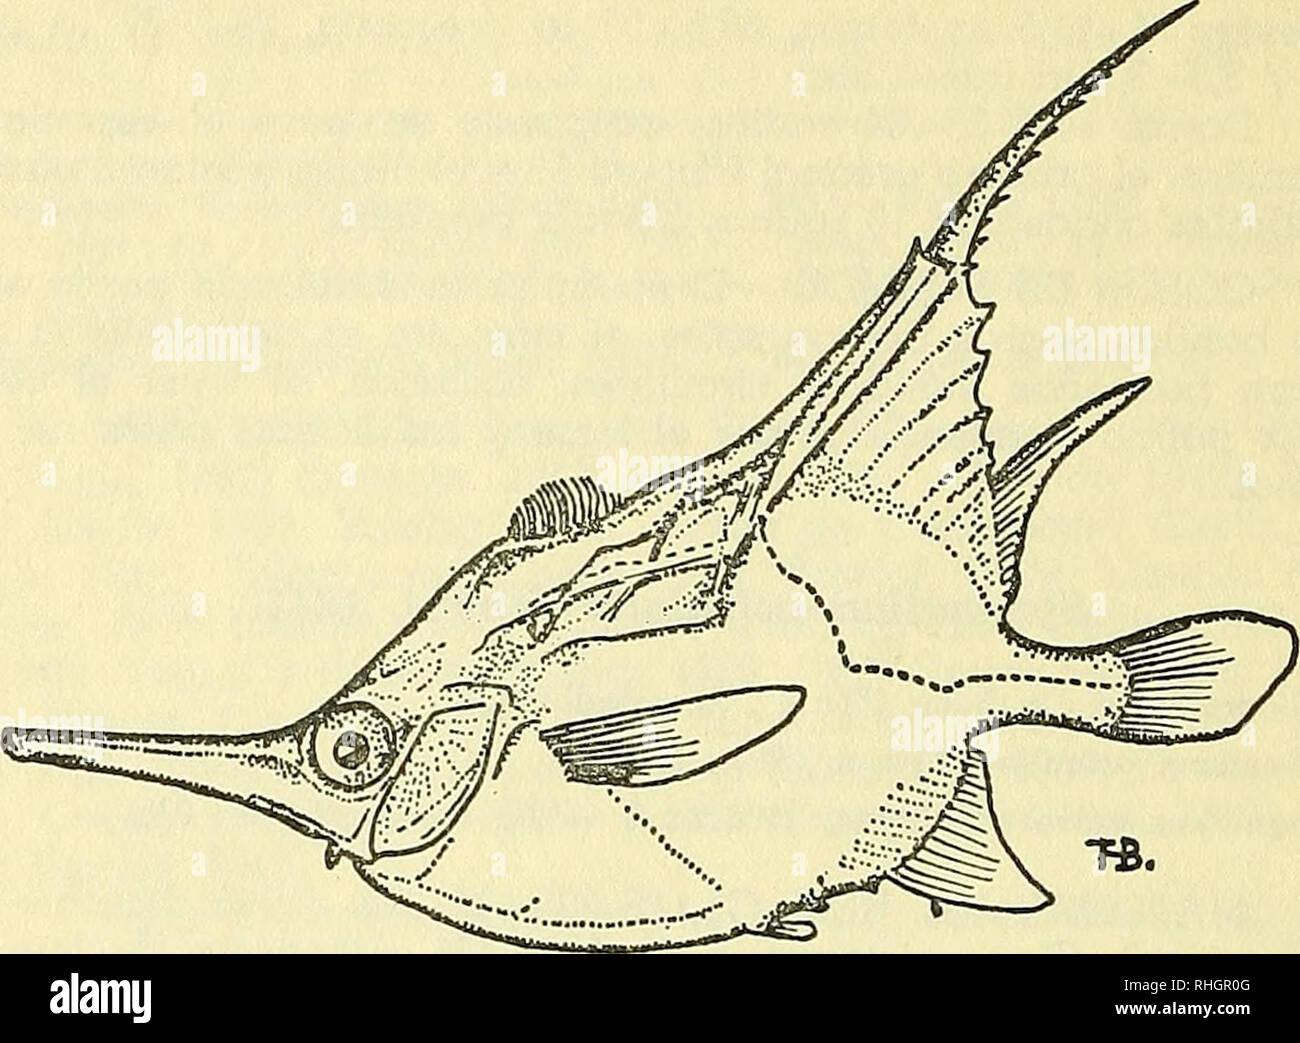 . Boletin de la Sociedad de Biología de Concepción. Sociedad de Biología de Concepción; Biology; Biology. Macrorhamphosus scolopax (Linnaeus), 1758. Figura 2.— Macrorham-phosus scolopax (Linnaeus), tomado de Lozano. Macrorhamphosus scolopax Mohr, 1937 : 36, íigs. 20-21 (descripción) — De Buen, 1959.6 : 40. LOCALIDADES.— Magcdlanes de la colecdón Cunningham en el Museo Británico y en Sctn Félix: 26° 30' S, 80° 30' W., en el Museo de Hamburgo (Mohr, 1937). Macrorhamphosus gracilis (Lowe), 1839 Macrorhamphosus gracilis Mohr, 1937 : 33, fig. 19 (descripción) 1959.6 : 40. LOCAUDADES.—Juan Fernández - Stock Image